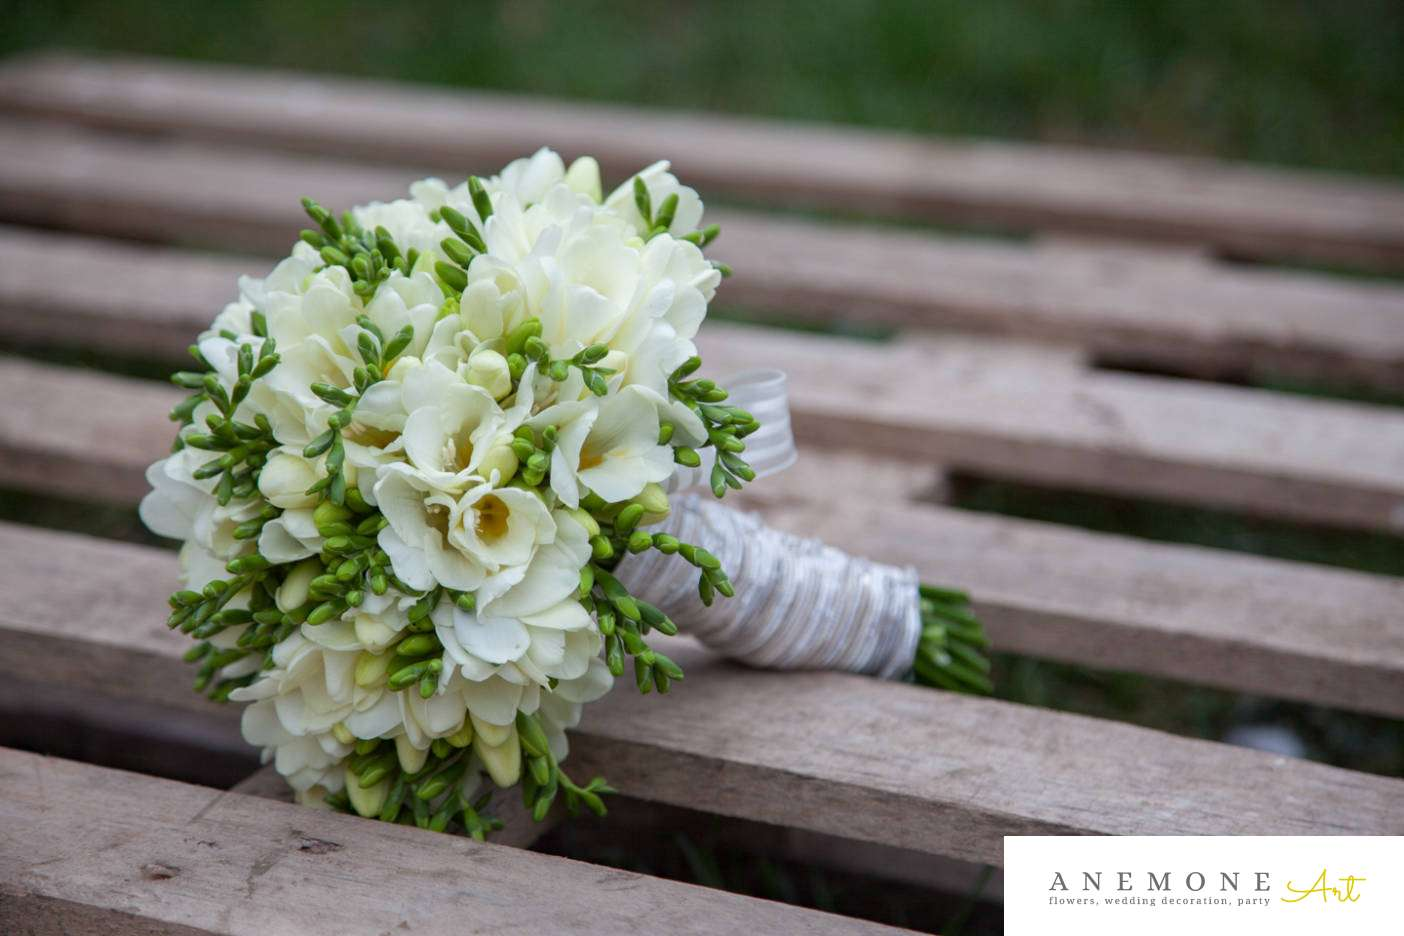 Poza, foto cu Flori de nunta buchet mireasa, frezii in Arad, Timisoara, Oradea (wedding flowers, bouquets) nunta Arad, Timisoara, Oradea